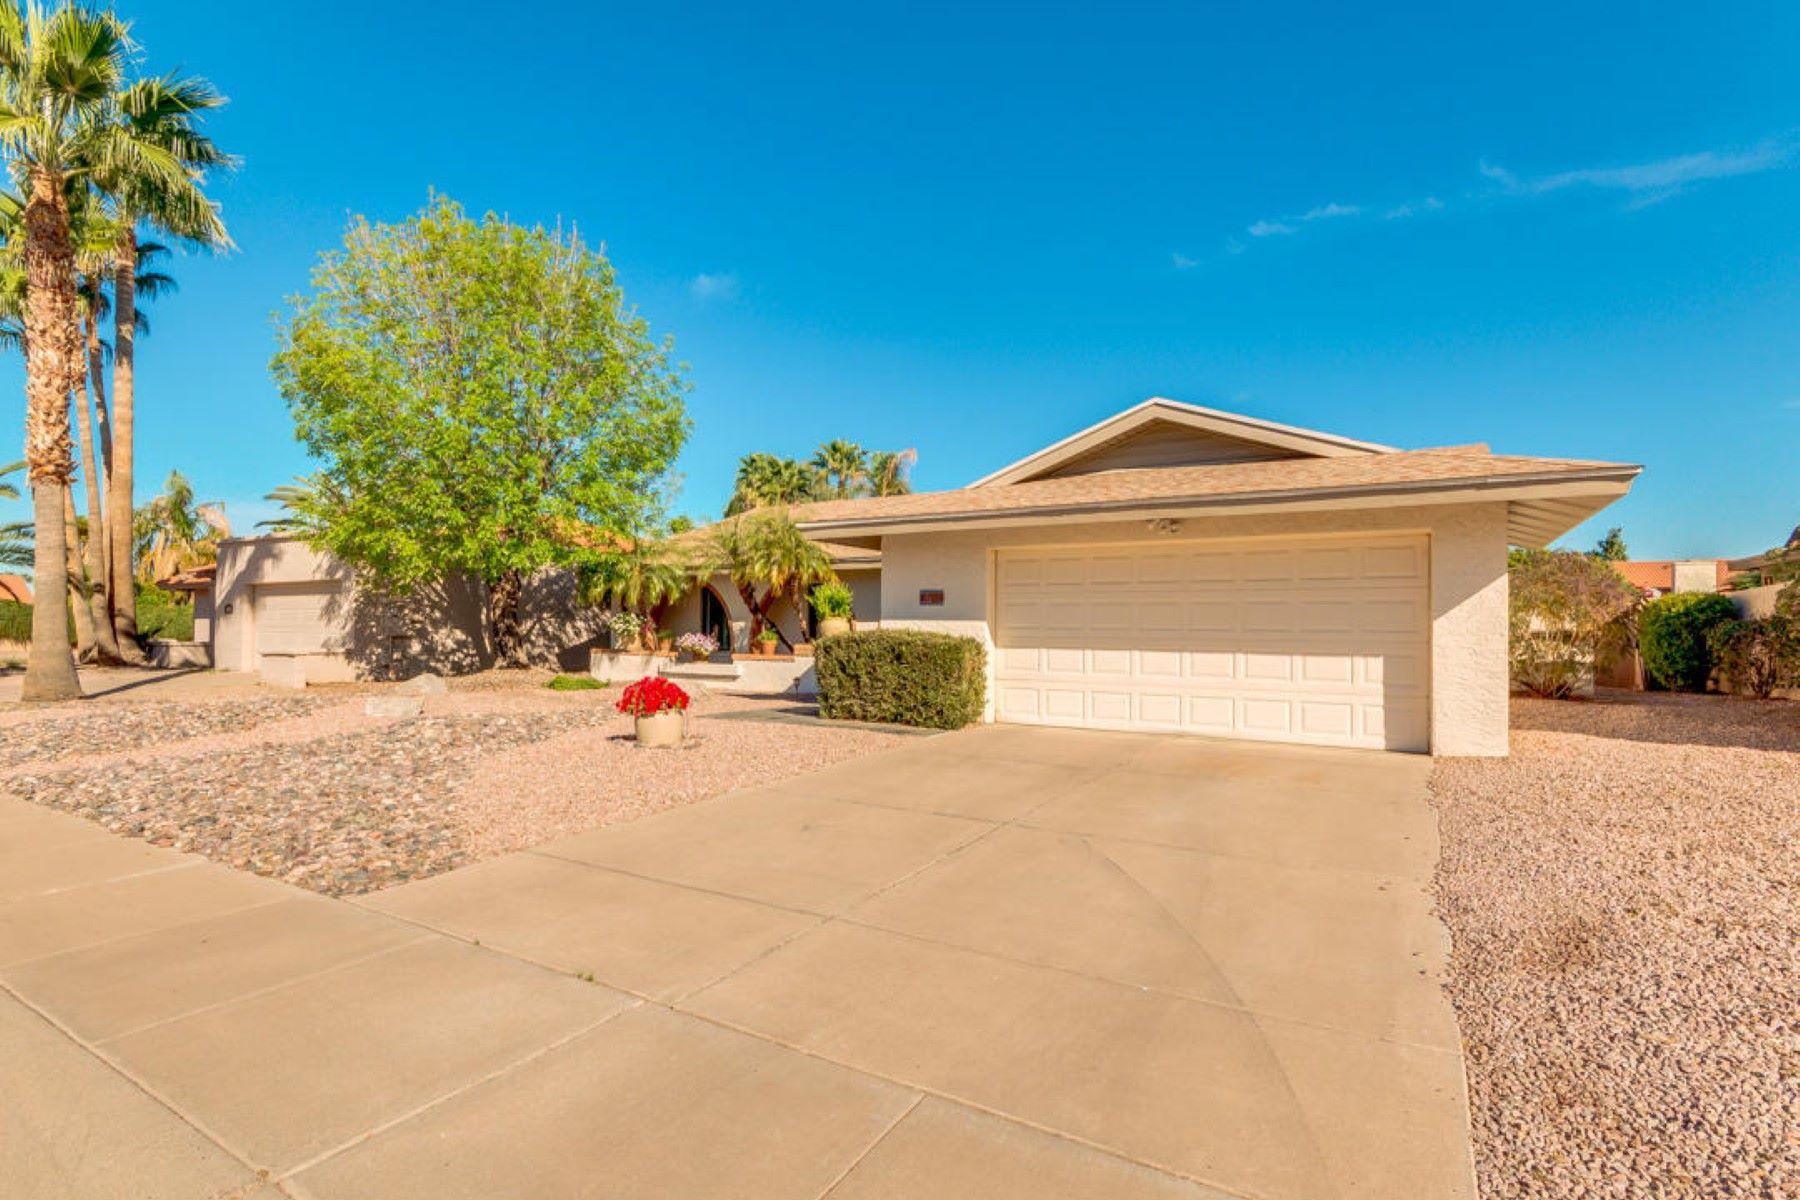 단독 가정 주택 용 매매 에 Charming Scottsdale home in the heart of McCormick Ranch 8710 E San Daniel Dr Scottsdale, 아리조나, 85258 미국